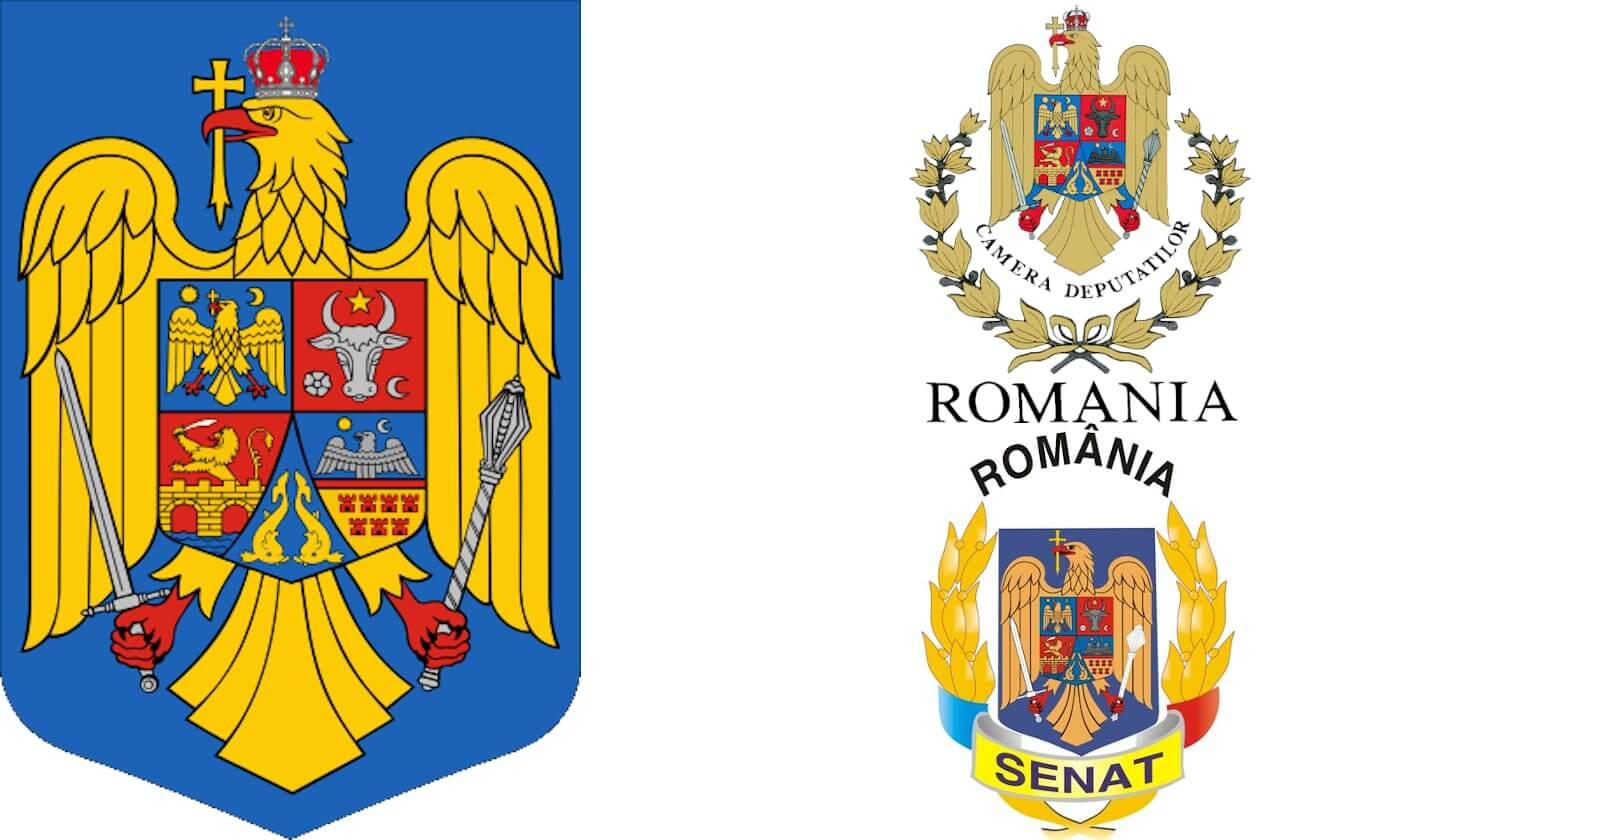 Legea nr. 115/2015 pentru alegerea autorităților administrației publice locale, pentru modificarea Legii administrației publice locale nr. 215/2001, precum și pentru modificarea și completarea Legii nr. 393/2004 privind Statutul aleșilor locali